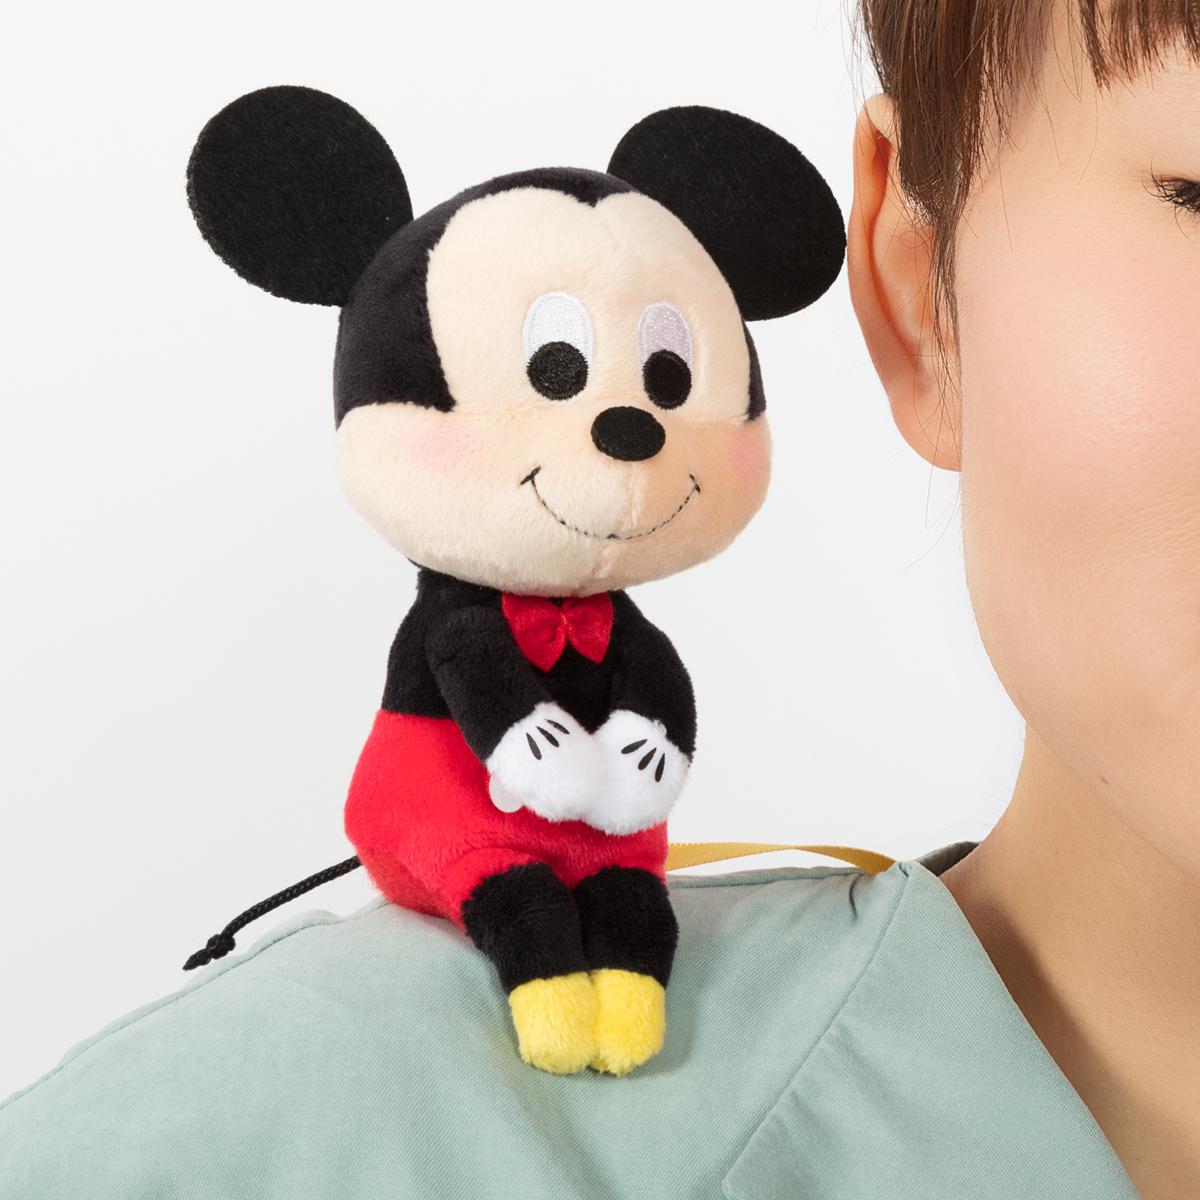 ディズニーキャラクター 肩のりちょっこりさん ミッキー 使用イメージ3